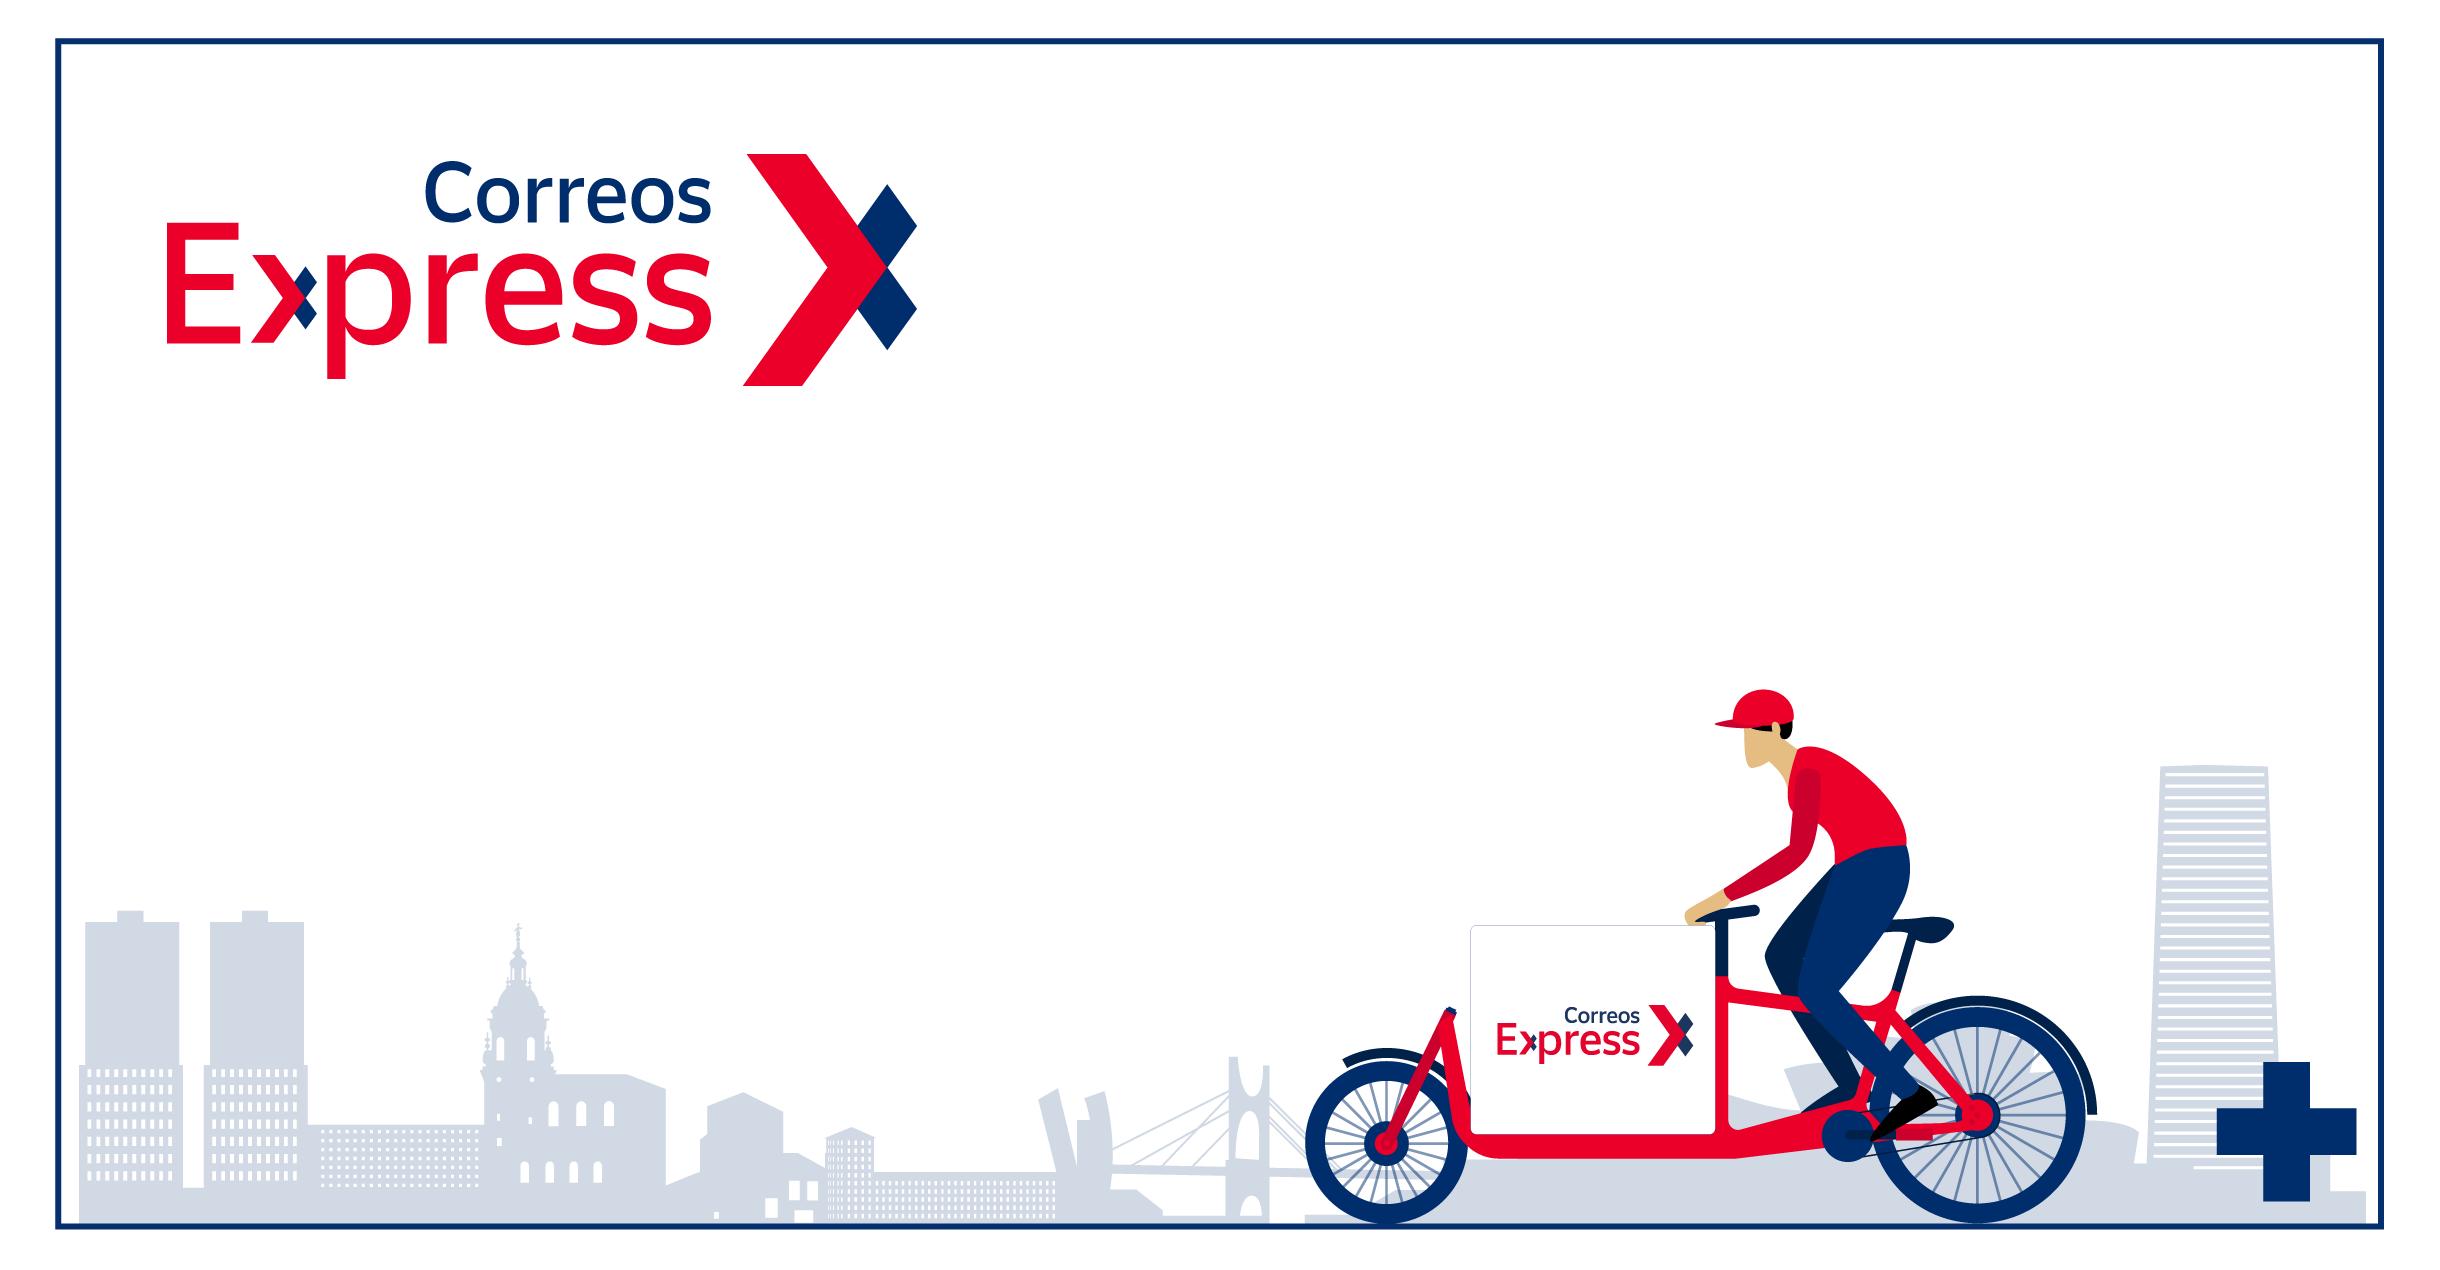 Correos Express refuerza su apuesta por el deporte como socio logístico y patrocinador principal de la Itzulia Basque Country